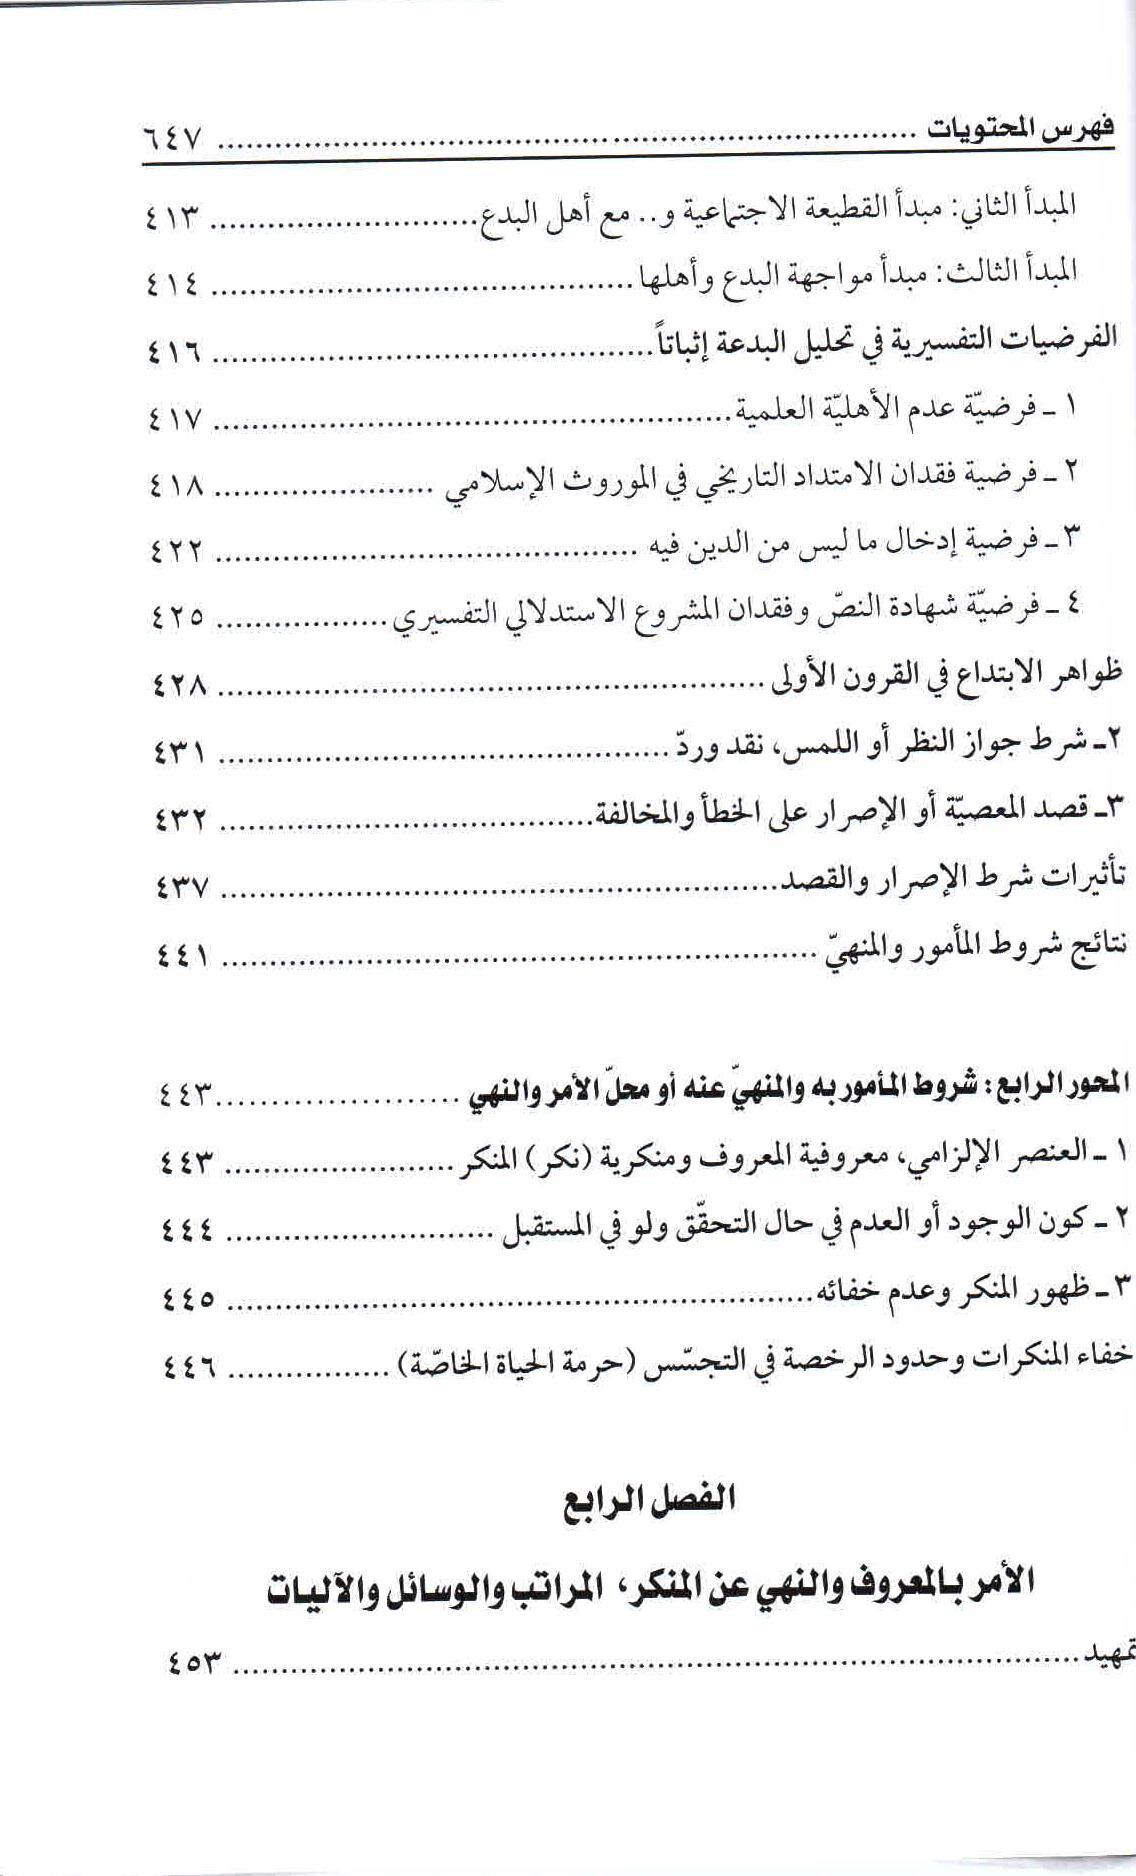 ص 647 محتويات كتاب فقه الأمر بالمعروف والنهي عن المنكر